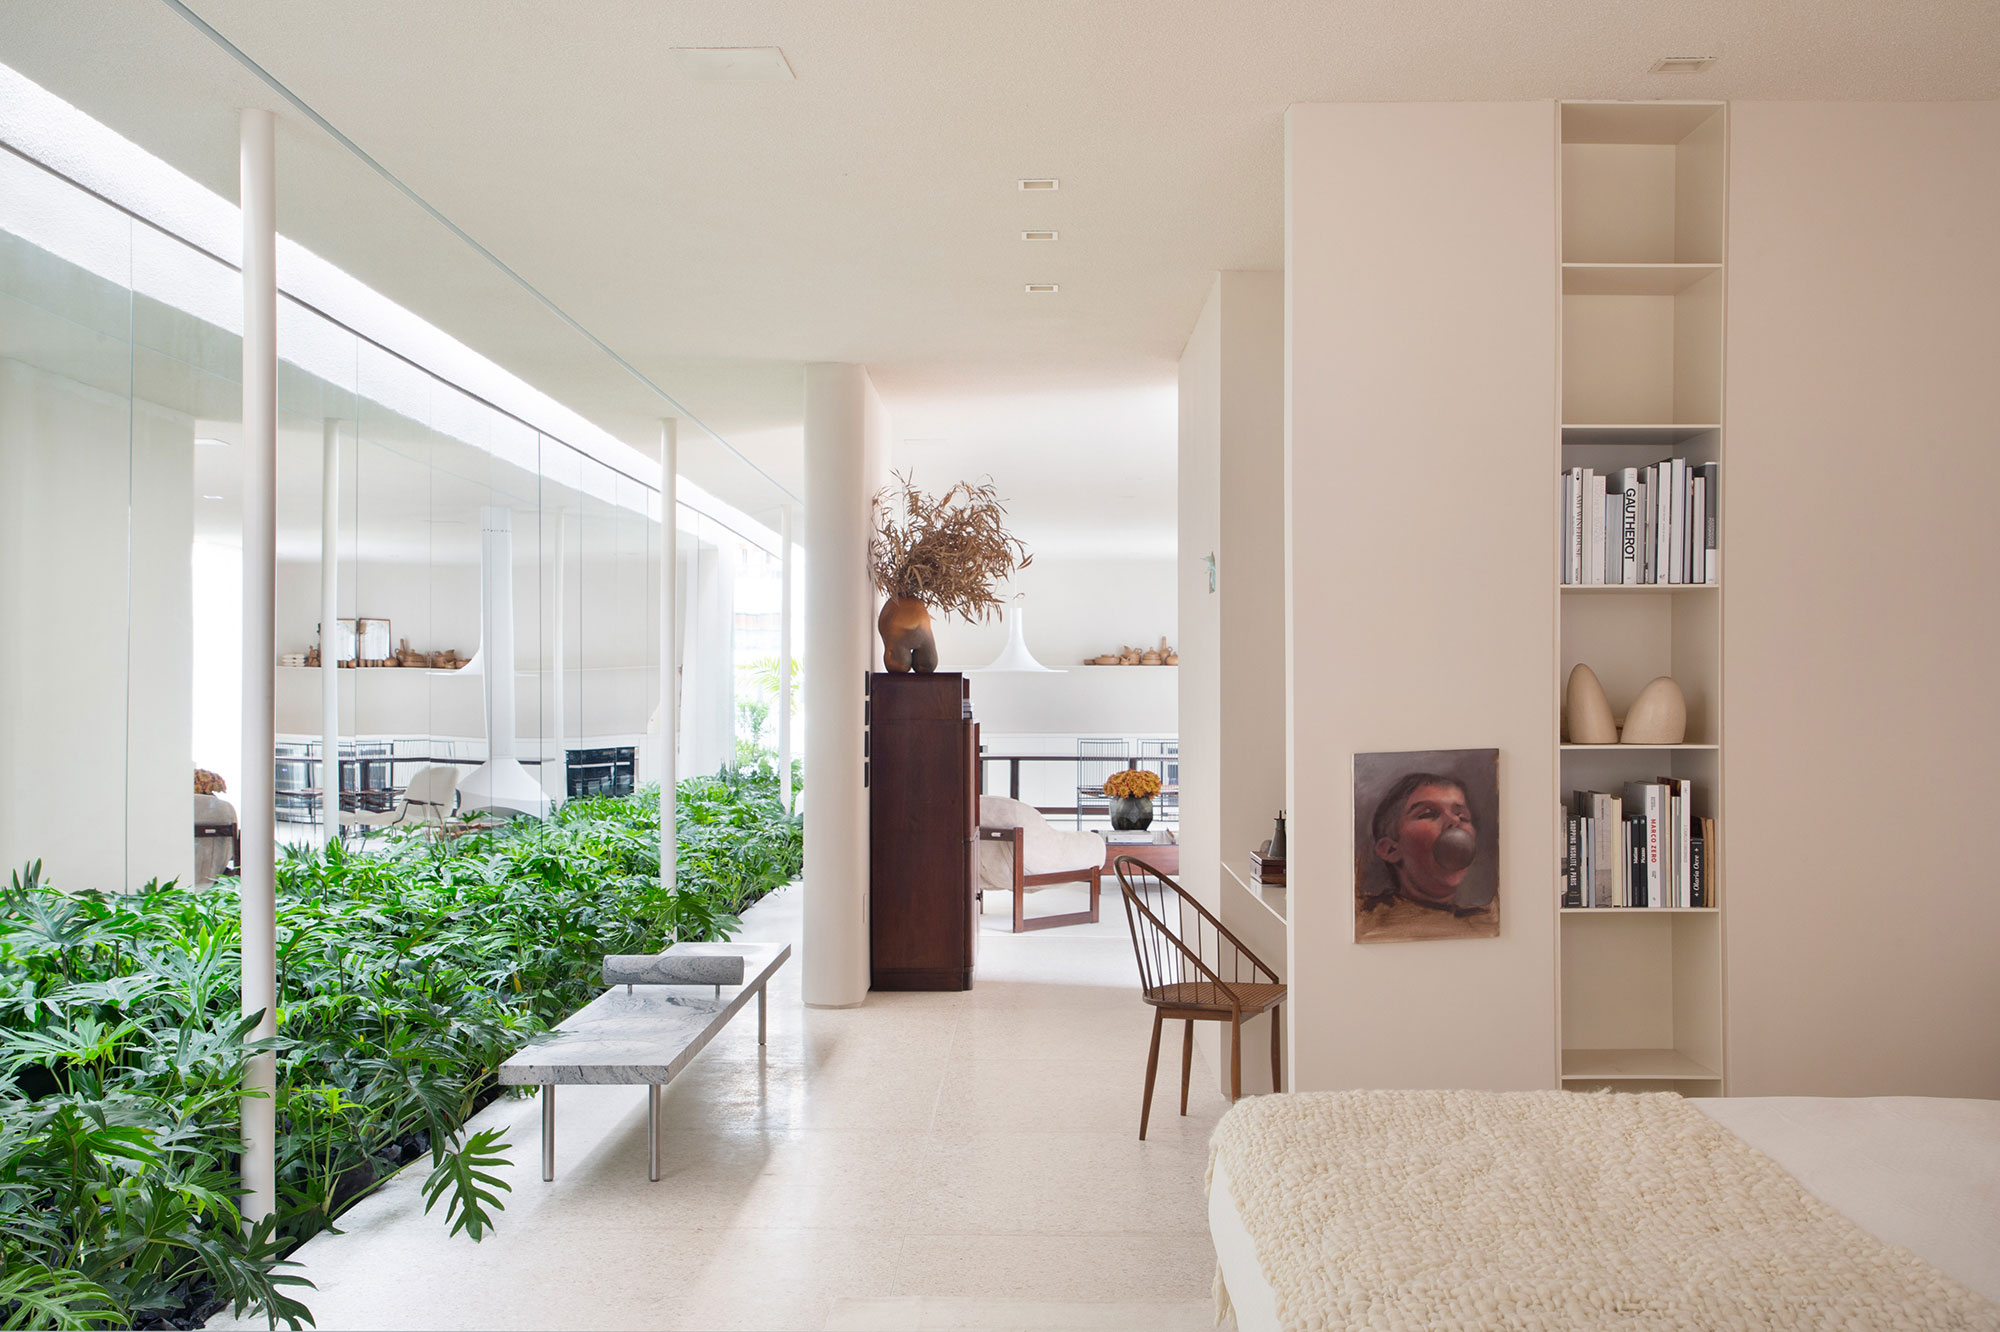 casa alva bc arquitetos casacor são paulo 2021 foto denilson machado